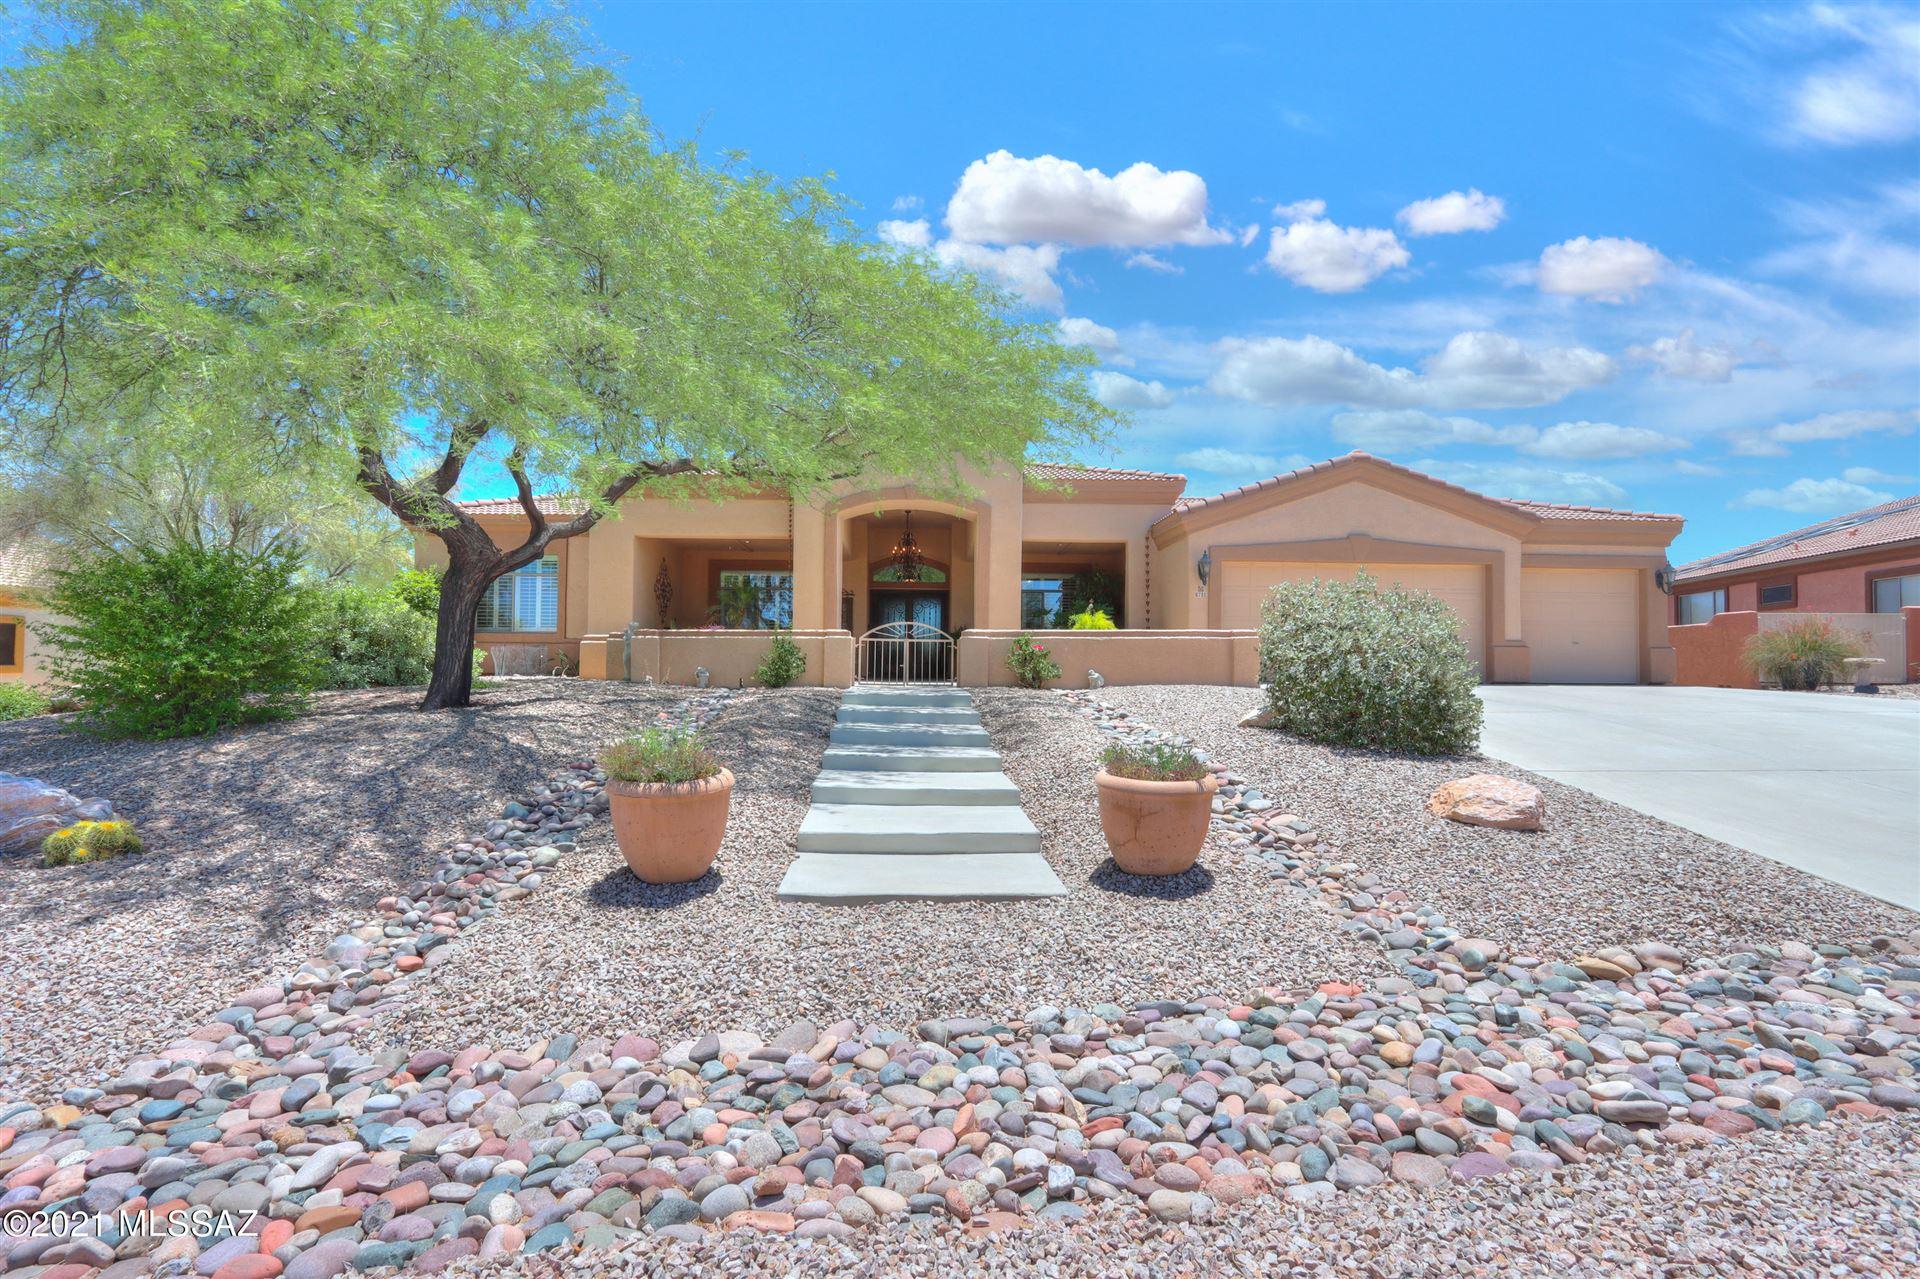 6721 W Calle Lorensita, Tucson, AZ 85743 - MLS#: 22115360